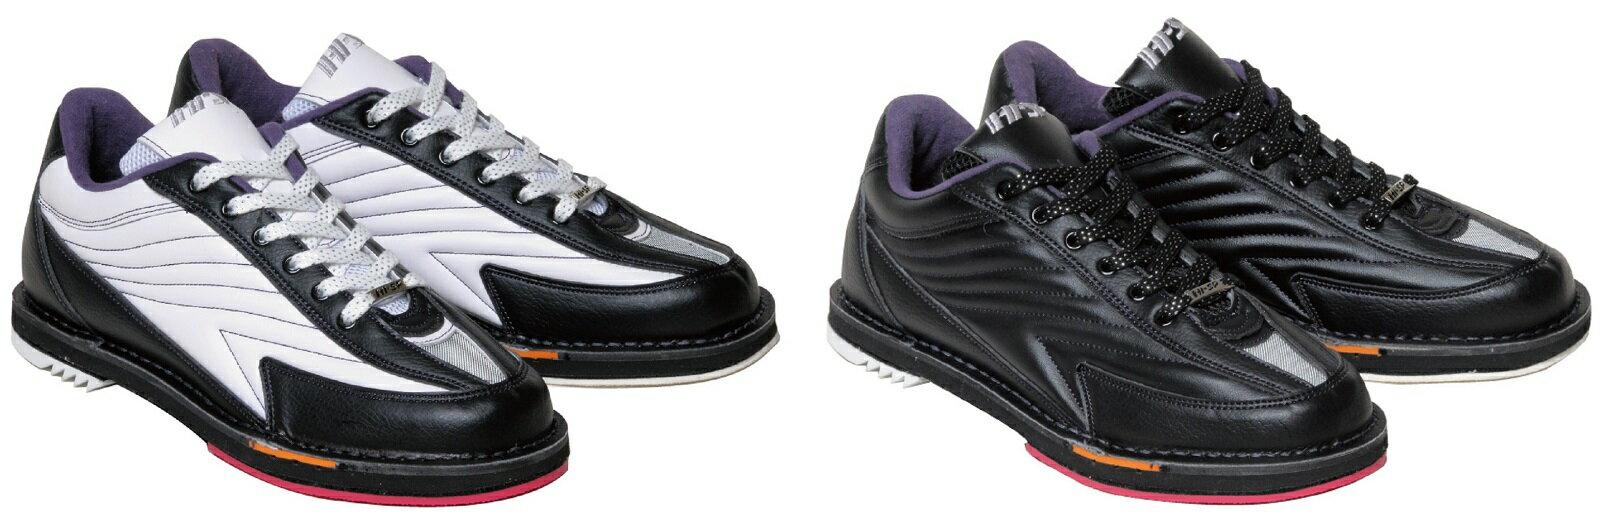 HI-SP ボウリング シューズ リパップ・エクストラ 全2色 ハイ スポーツ ボウリング用品 靴 ボーリング グッズ